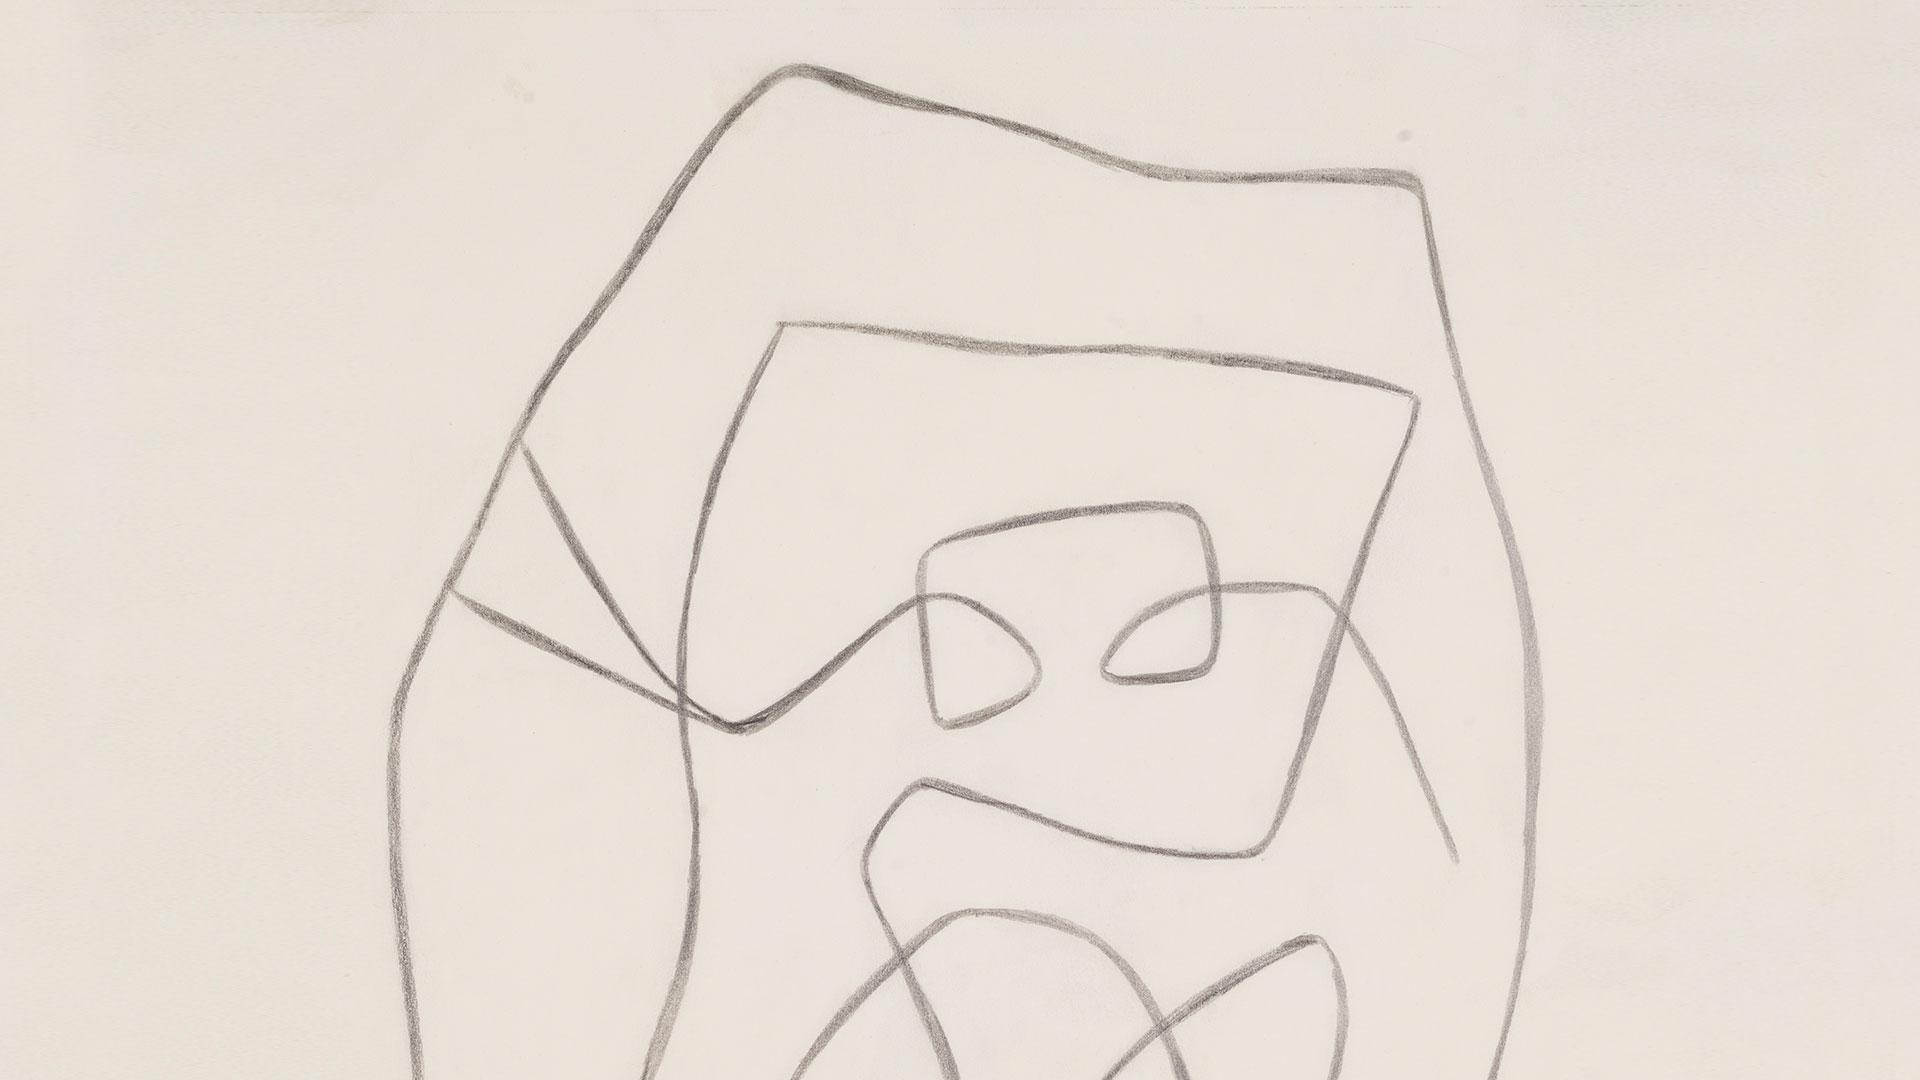 קומפוזיציה, 1959,גרפיט על נייר,עיזבון אוסף קיי מריל הילמן, ניו-יורק, לידידי מוזיאון ישראל בארה